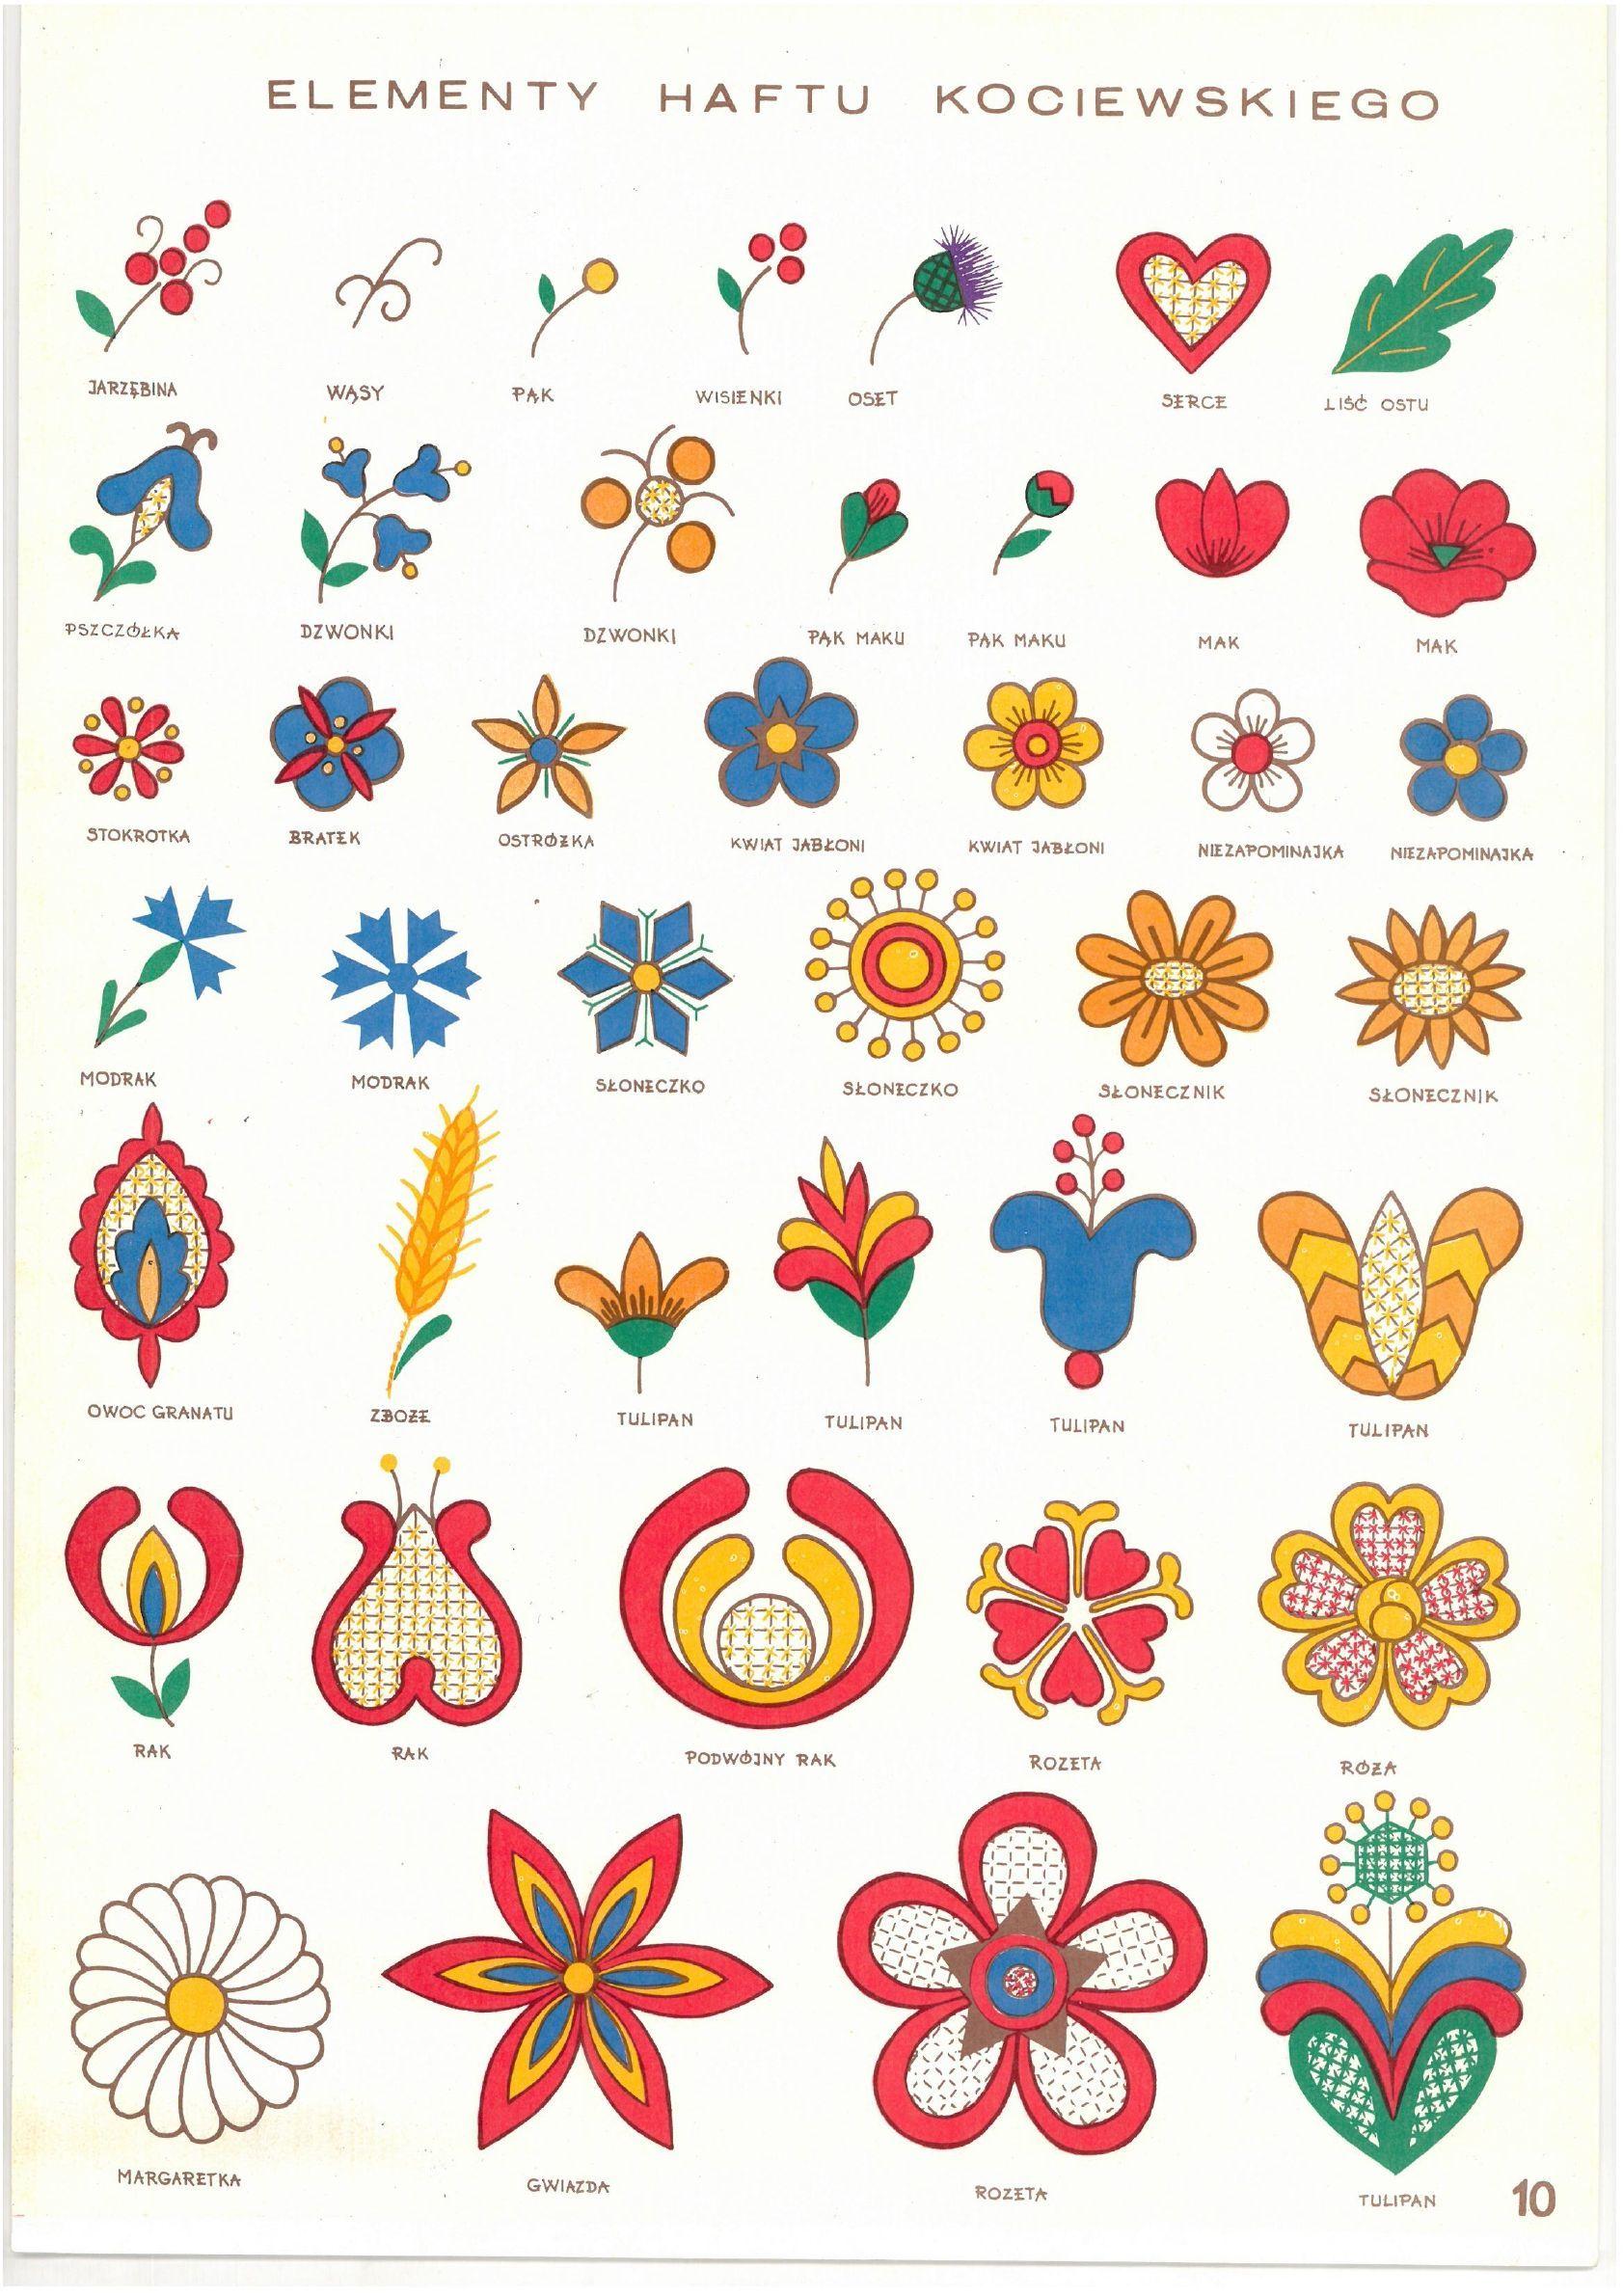 Pin By Jennifer Paige On Folk Art Folk Art Flowers Flower Art Folk Embroidery